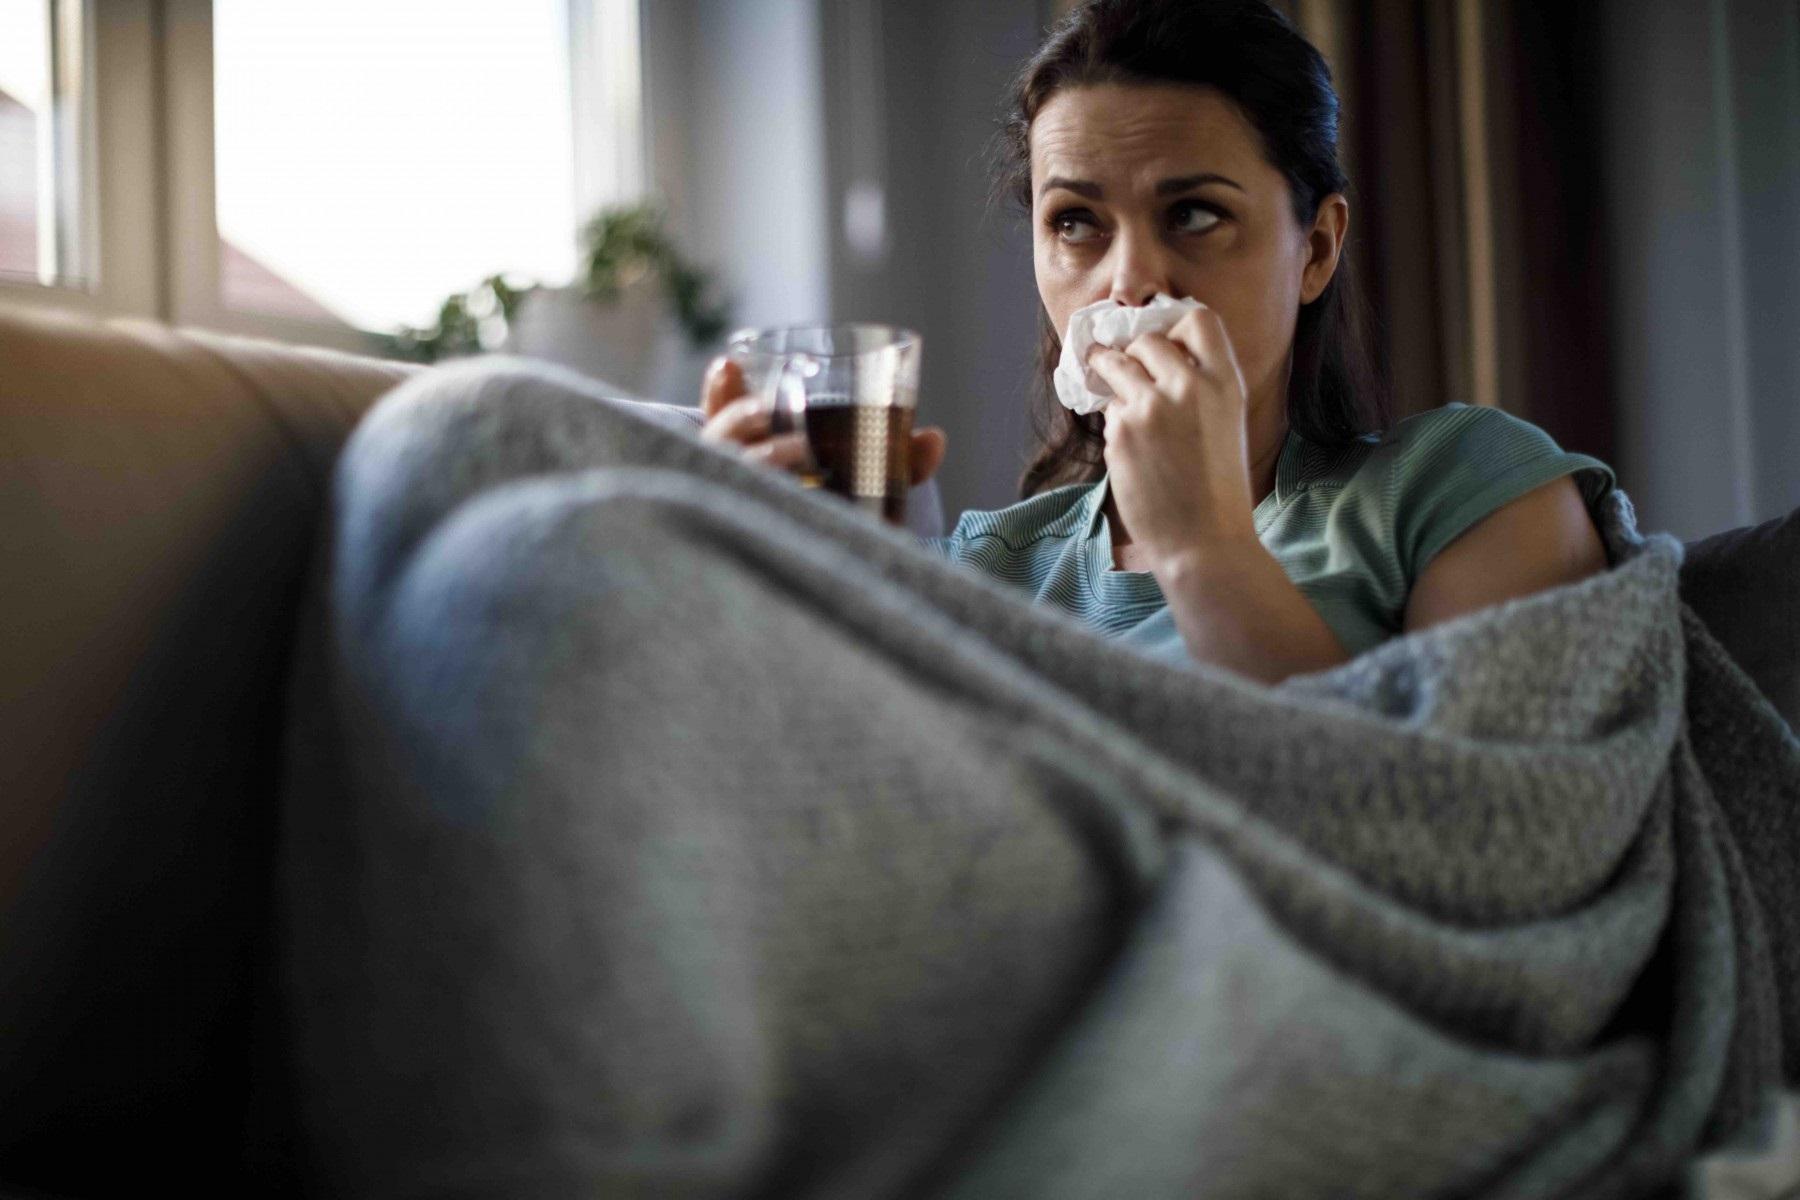 Γρίπη Covid-19: Συμπτώματα που πρέπει να προσέξετε για αυτήν την εποχή